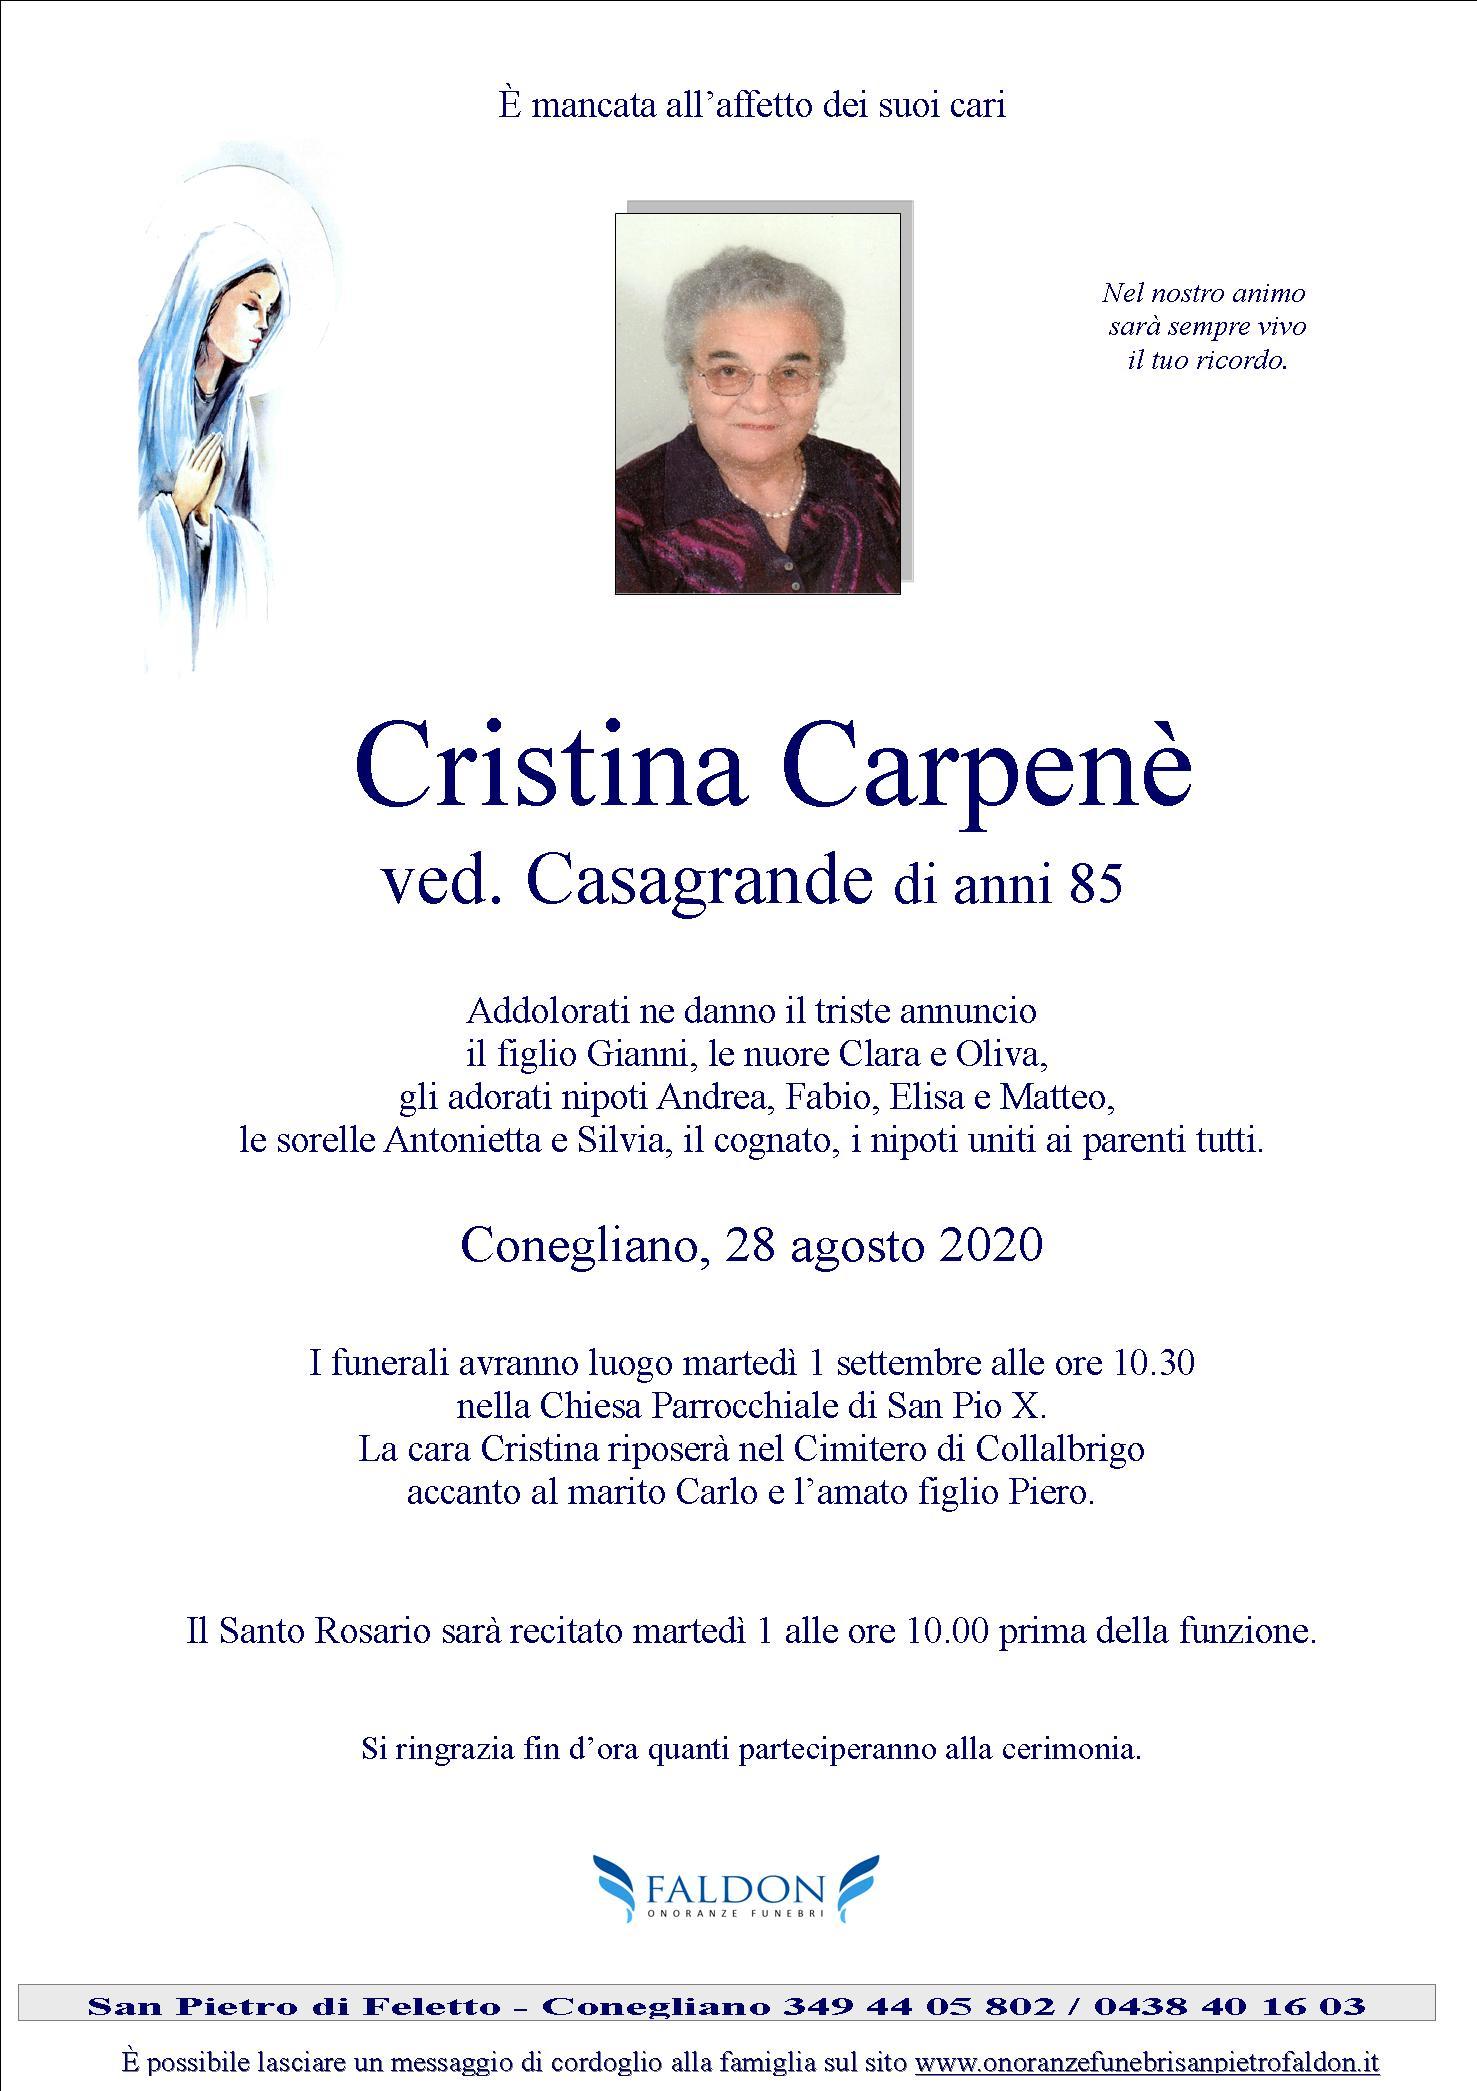 Cristina Carpenè